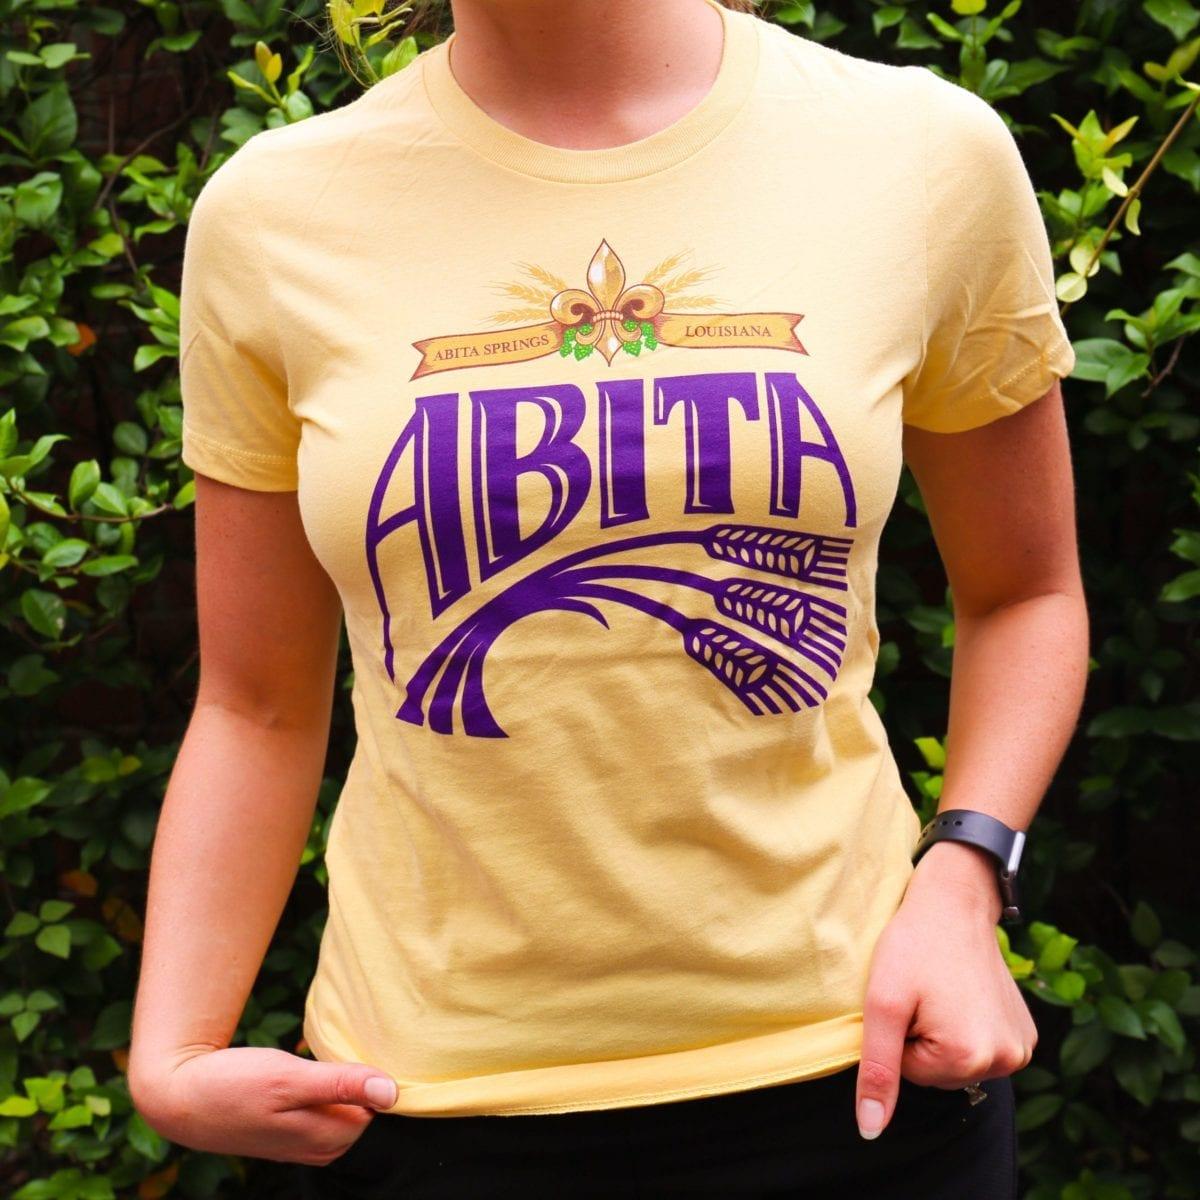 2. Abita Signature Ladies T-shirt